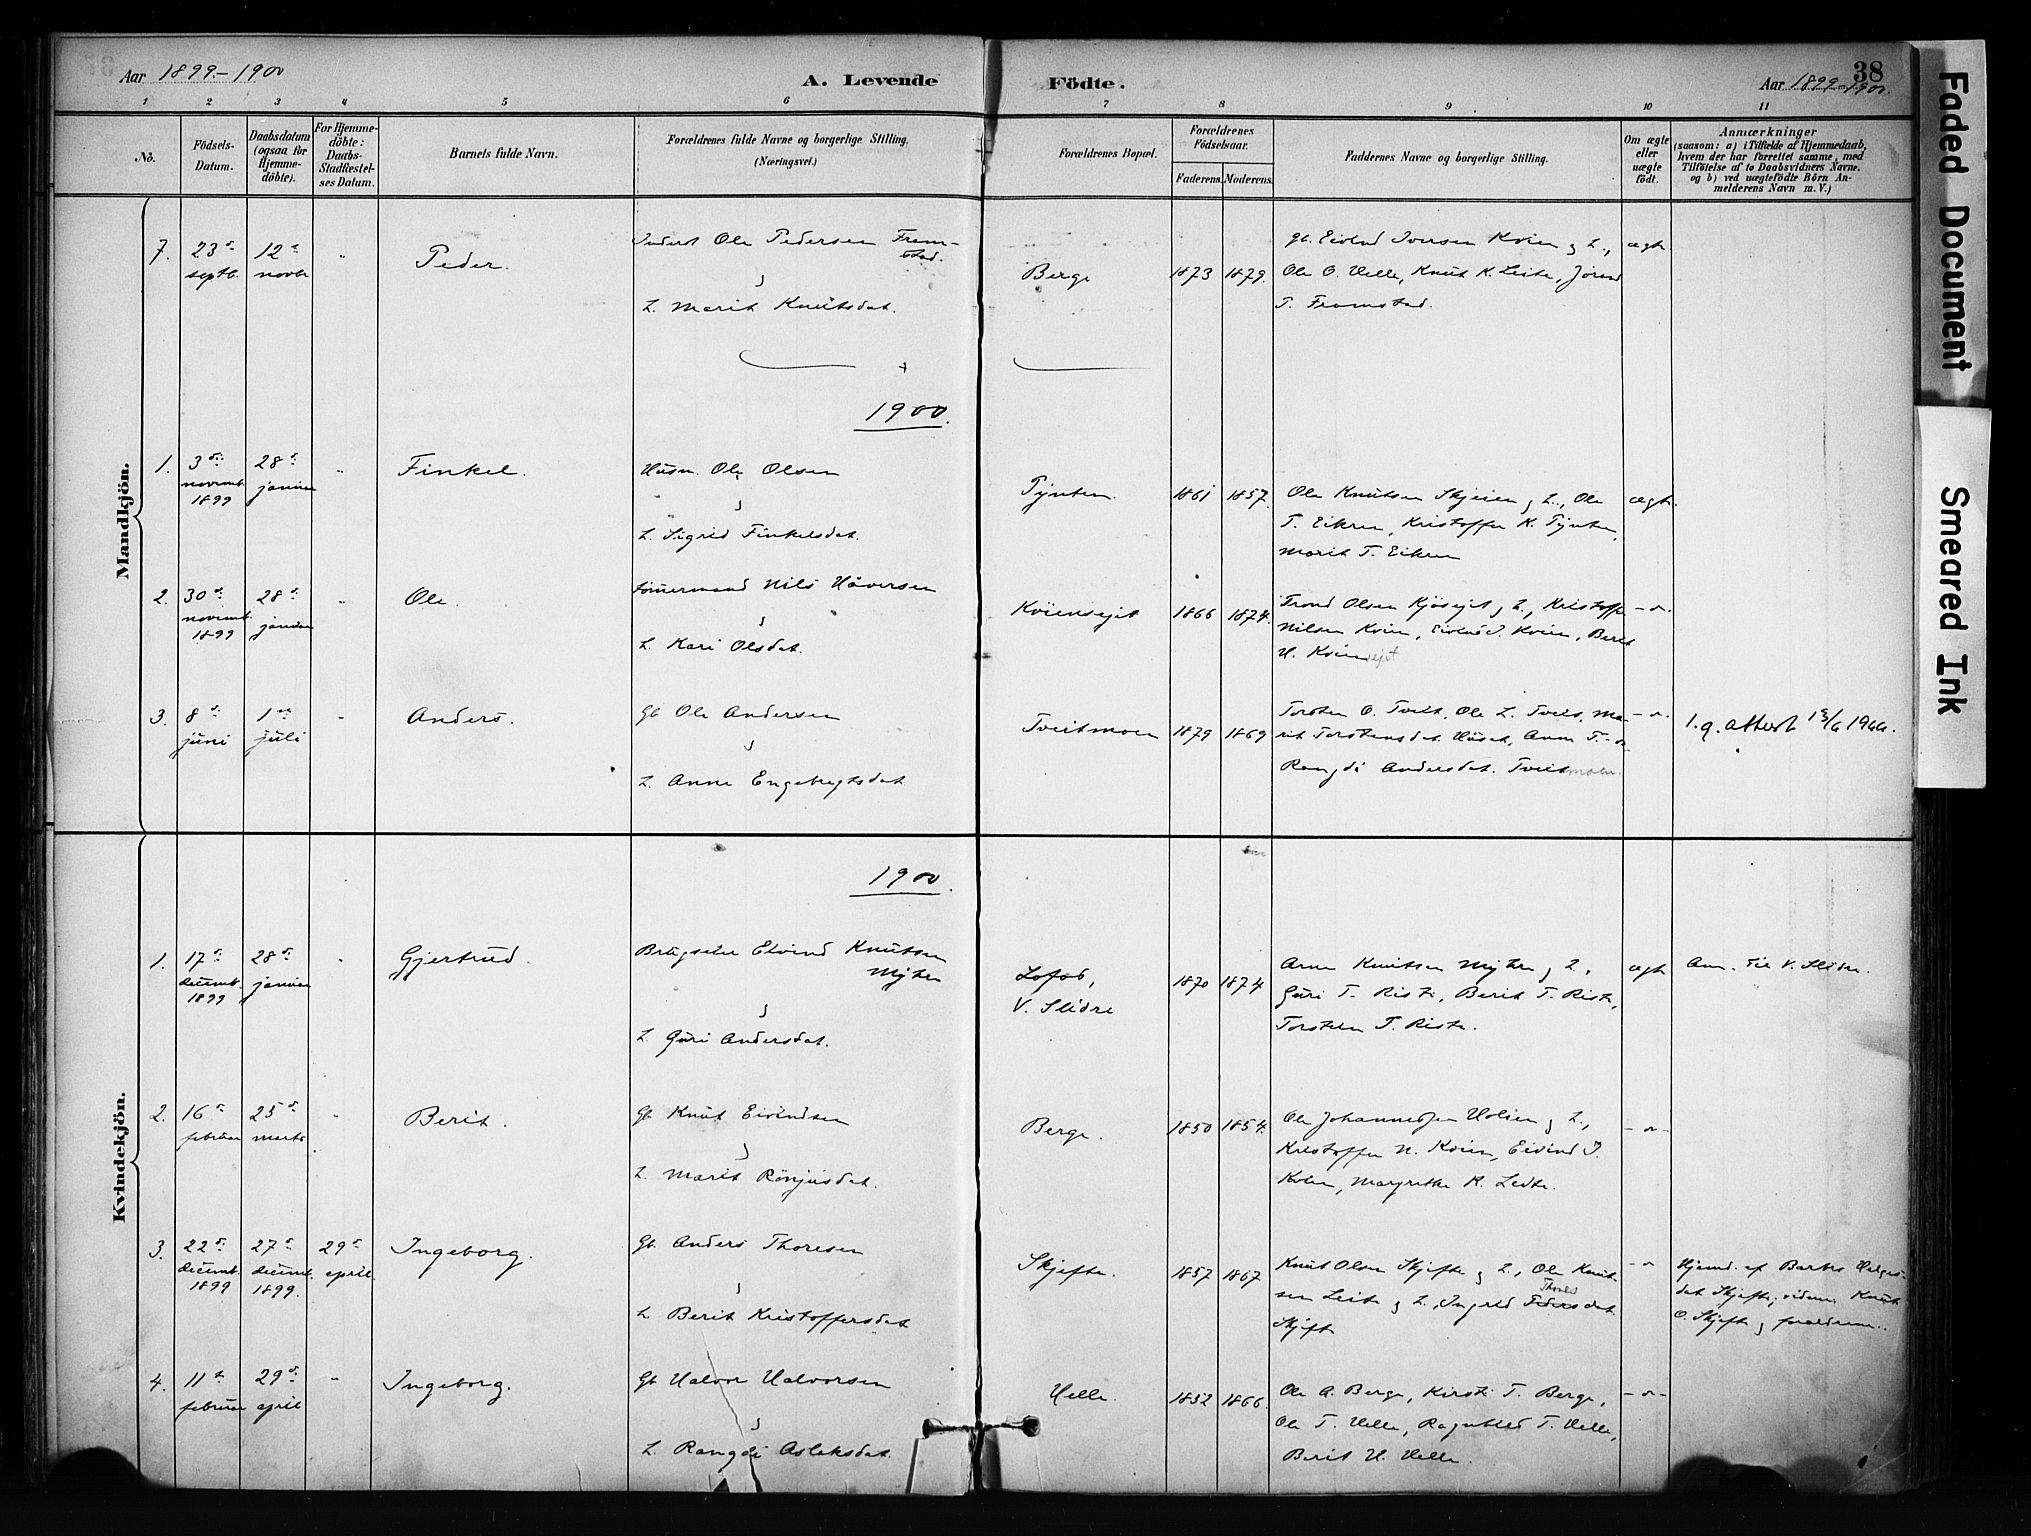 SAH, Vang prestekontor, Valdres, Ministerialbok nr. 9, 1882-1914, s. 38